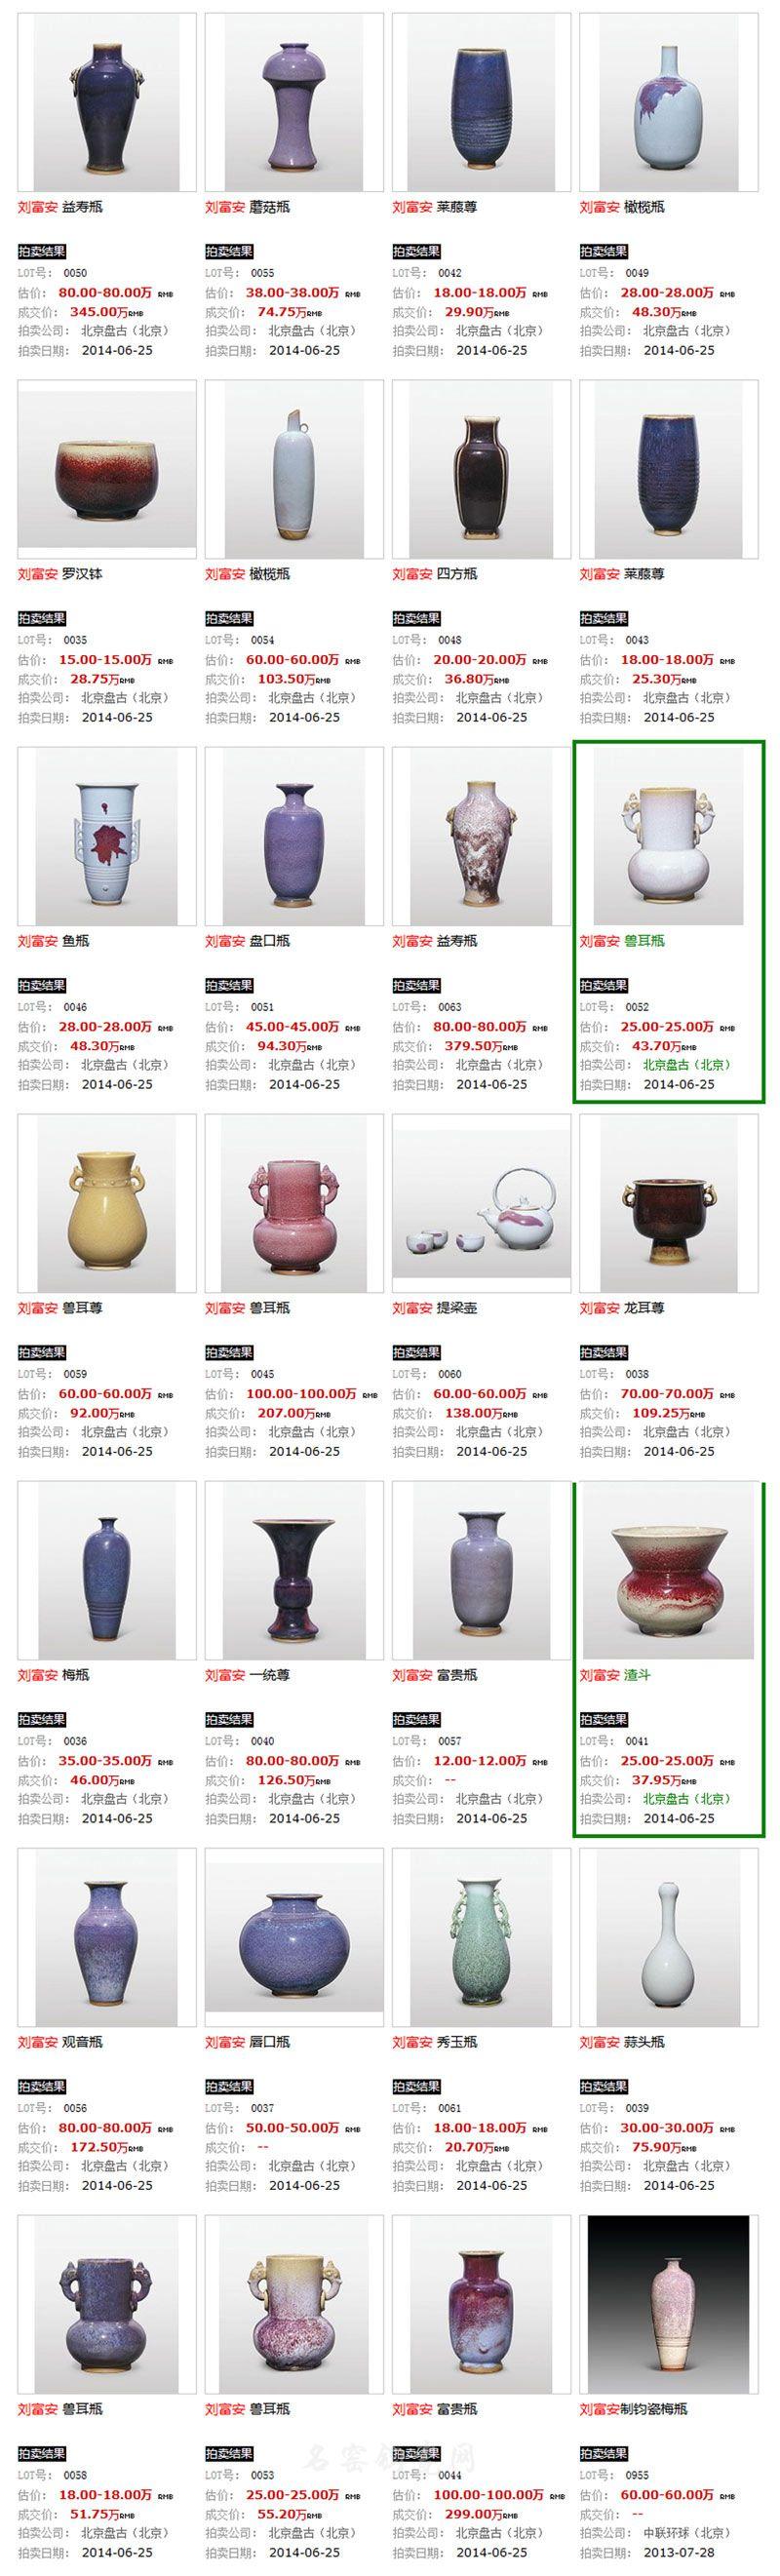 刘富安钧瓷拍卖记录(刘富安钧瓷价格可供参考,来源:雅昌拍卖)